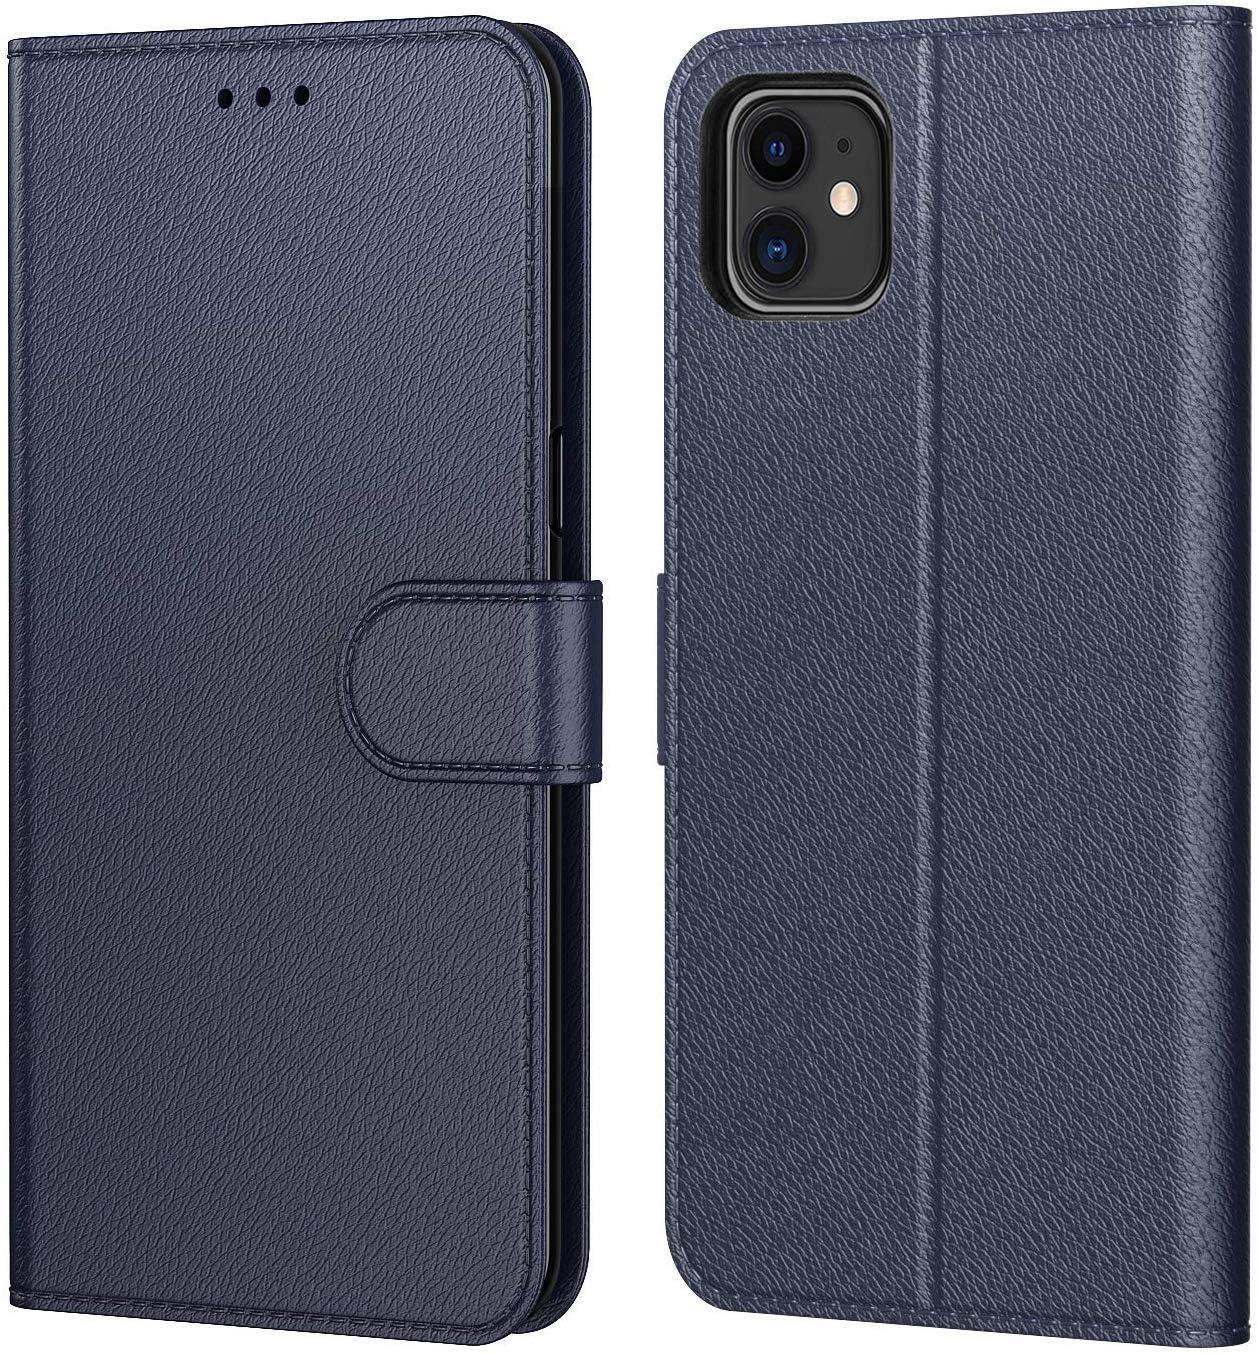 AURSTORE Etui Coque iPhone 11 2019 Fonction Support pour Languette Magn/étique Emplacements Cartes Protection Housse en Cuir PU Pochette, 6,1 Pouce Bleu , iPhone 11 6,10 Pouces ,